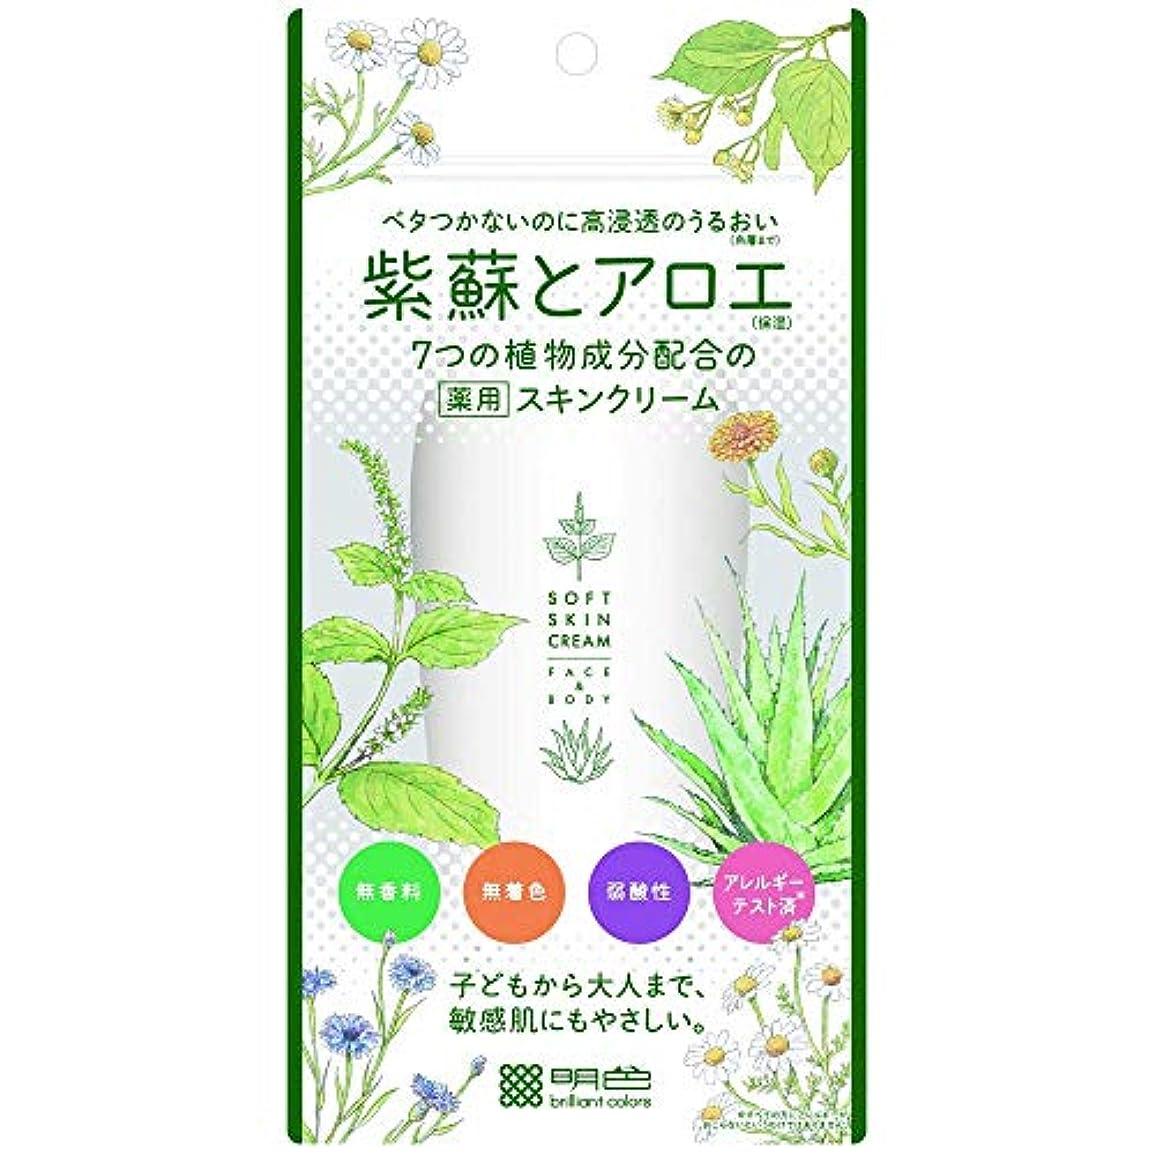 甘やかすジョージバーナードウィザード【5個セット】紫蘇とアロエ 薬用スキンクリーム 190g